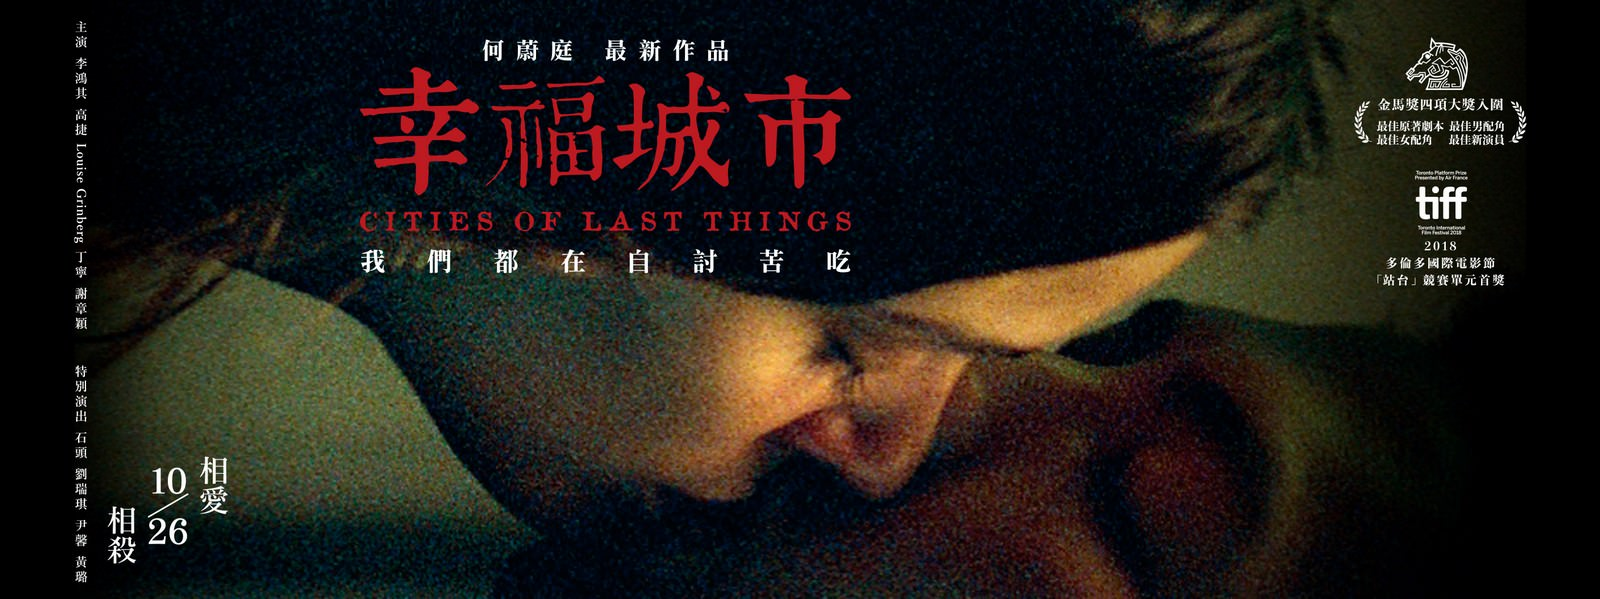 Movie, 幸福城市(台灣, 2018年) / Cities of Last Things(英文), 電影海報, 台灣, 橫版